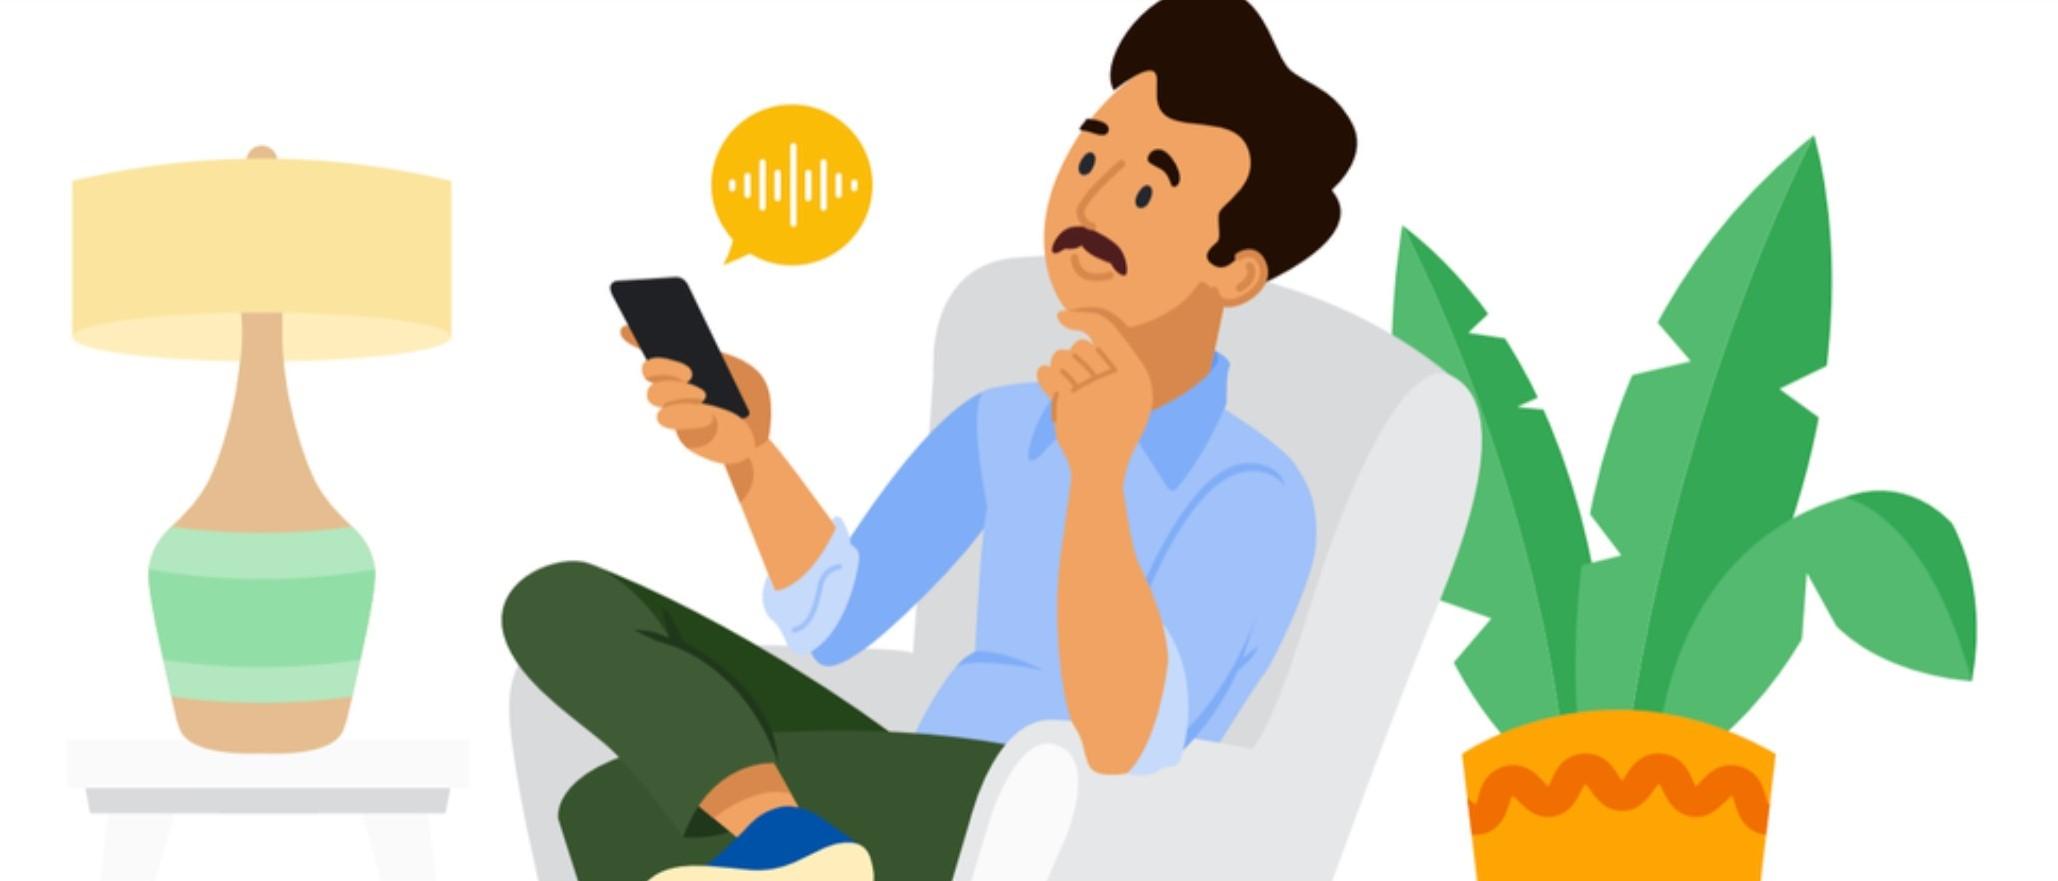 Asystent Google może wysyłać wiadomości głosowe do znajomych. Czekamy na obsługę języka polskiego 15 Asystent Google